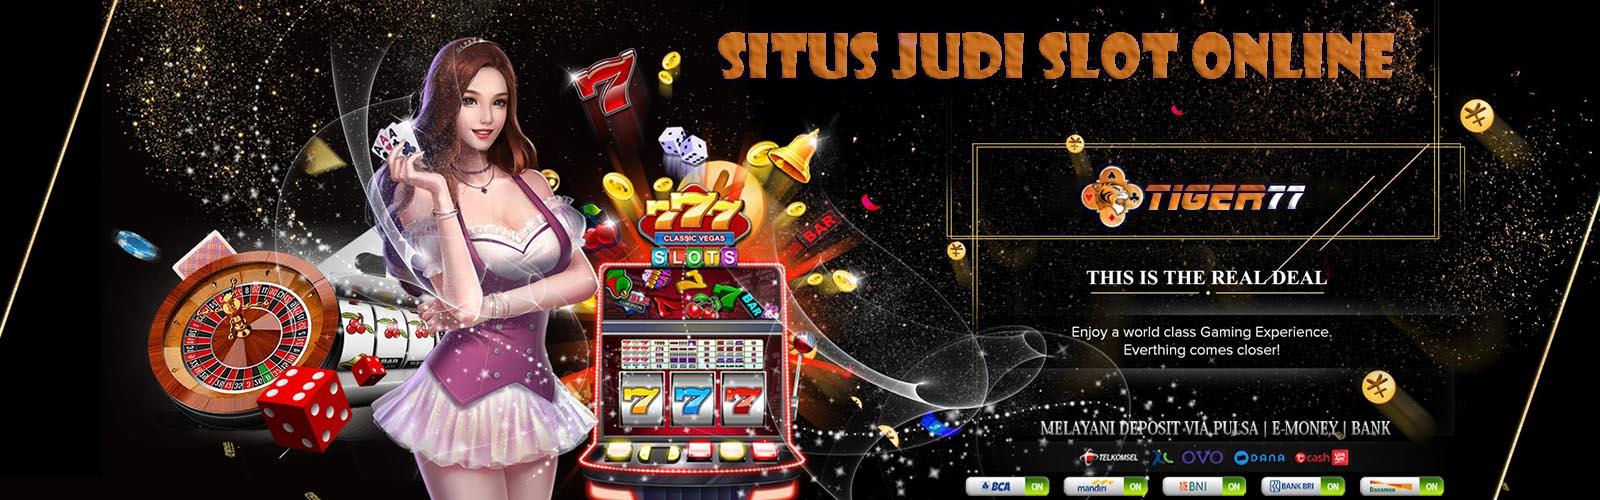 Situs Judi Slot Online Terpercaya Daftar Deposit Pulsa 25rb